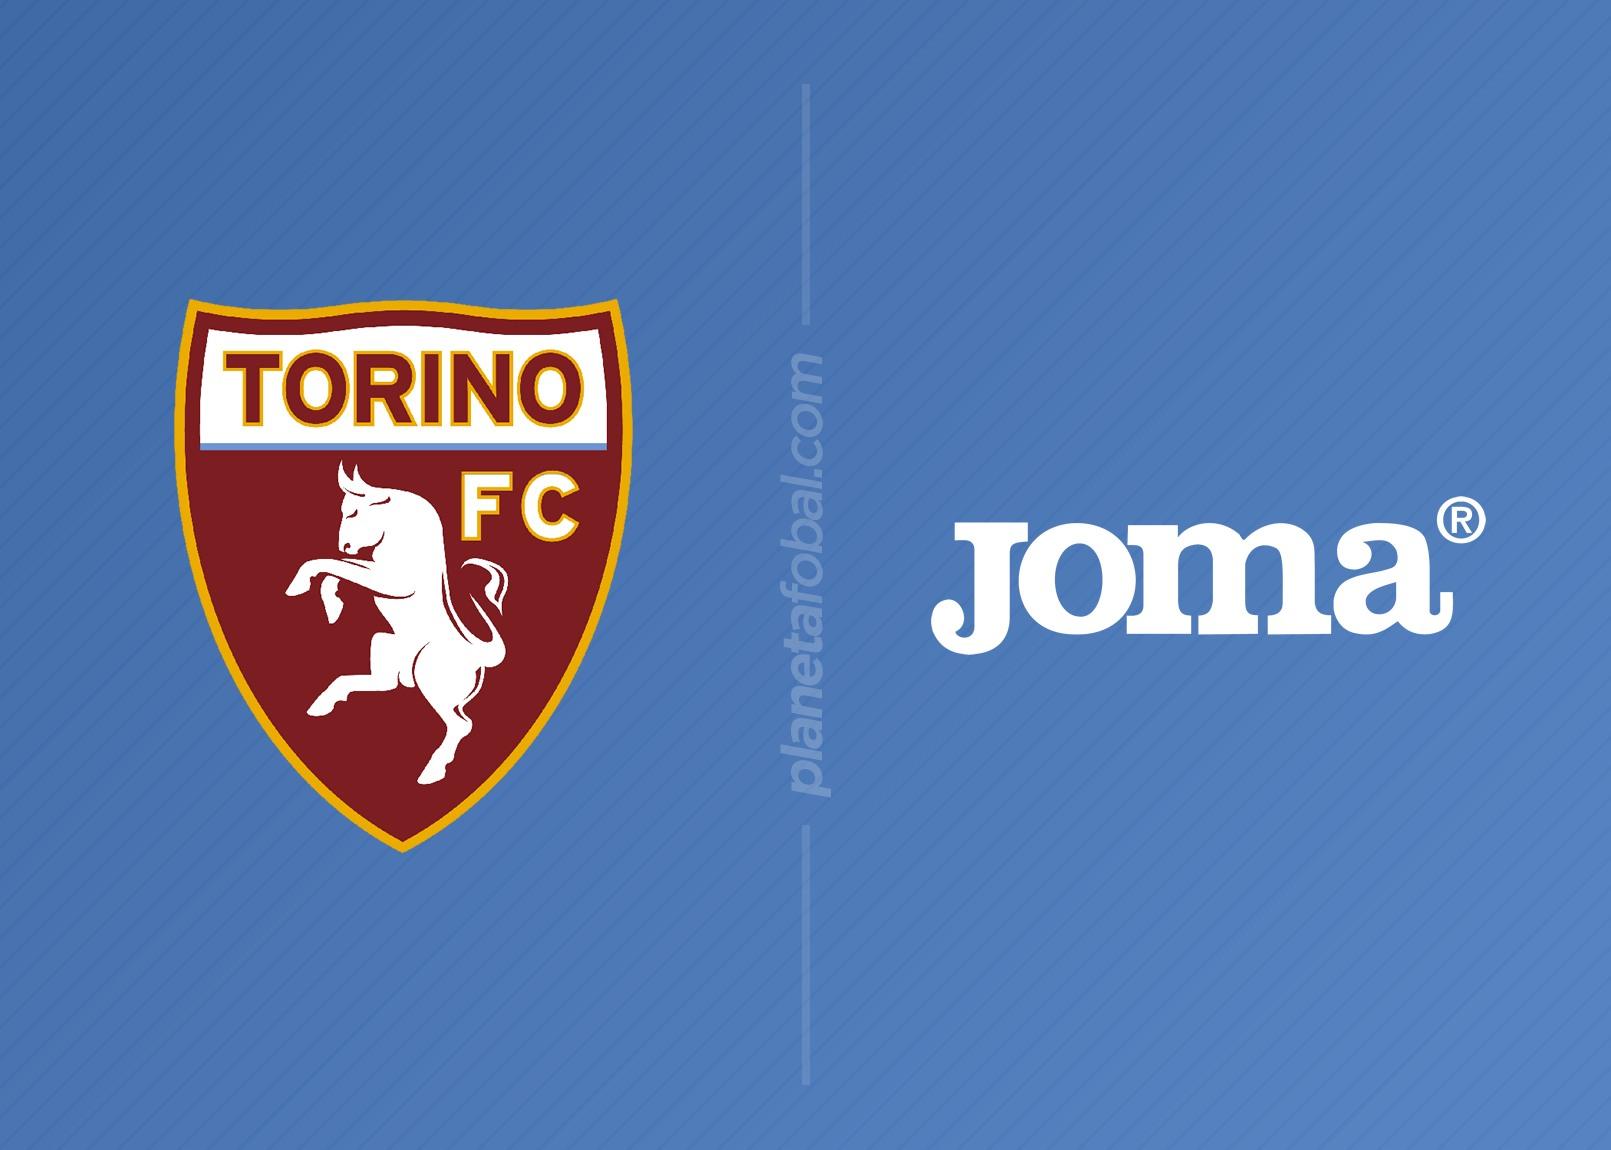 Torino FC anuncia contrato con Joma